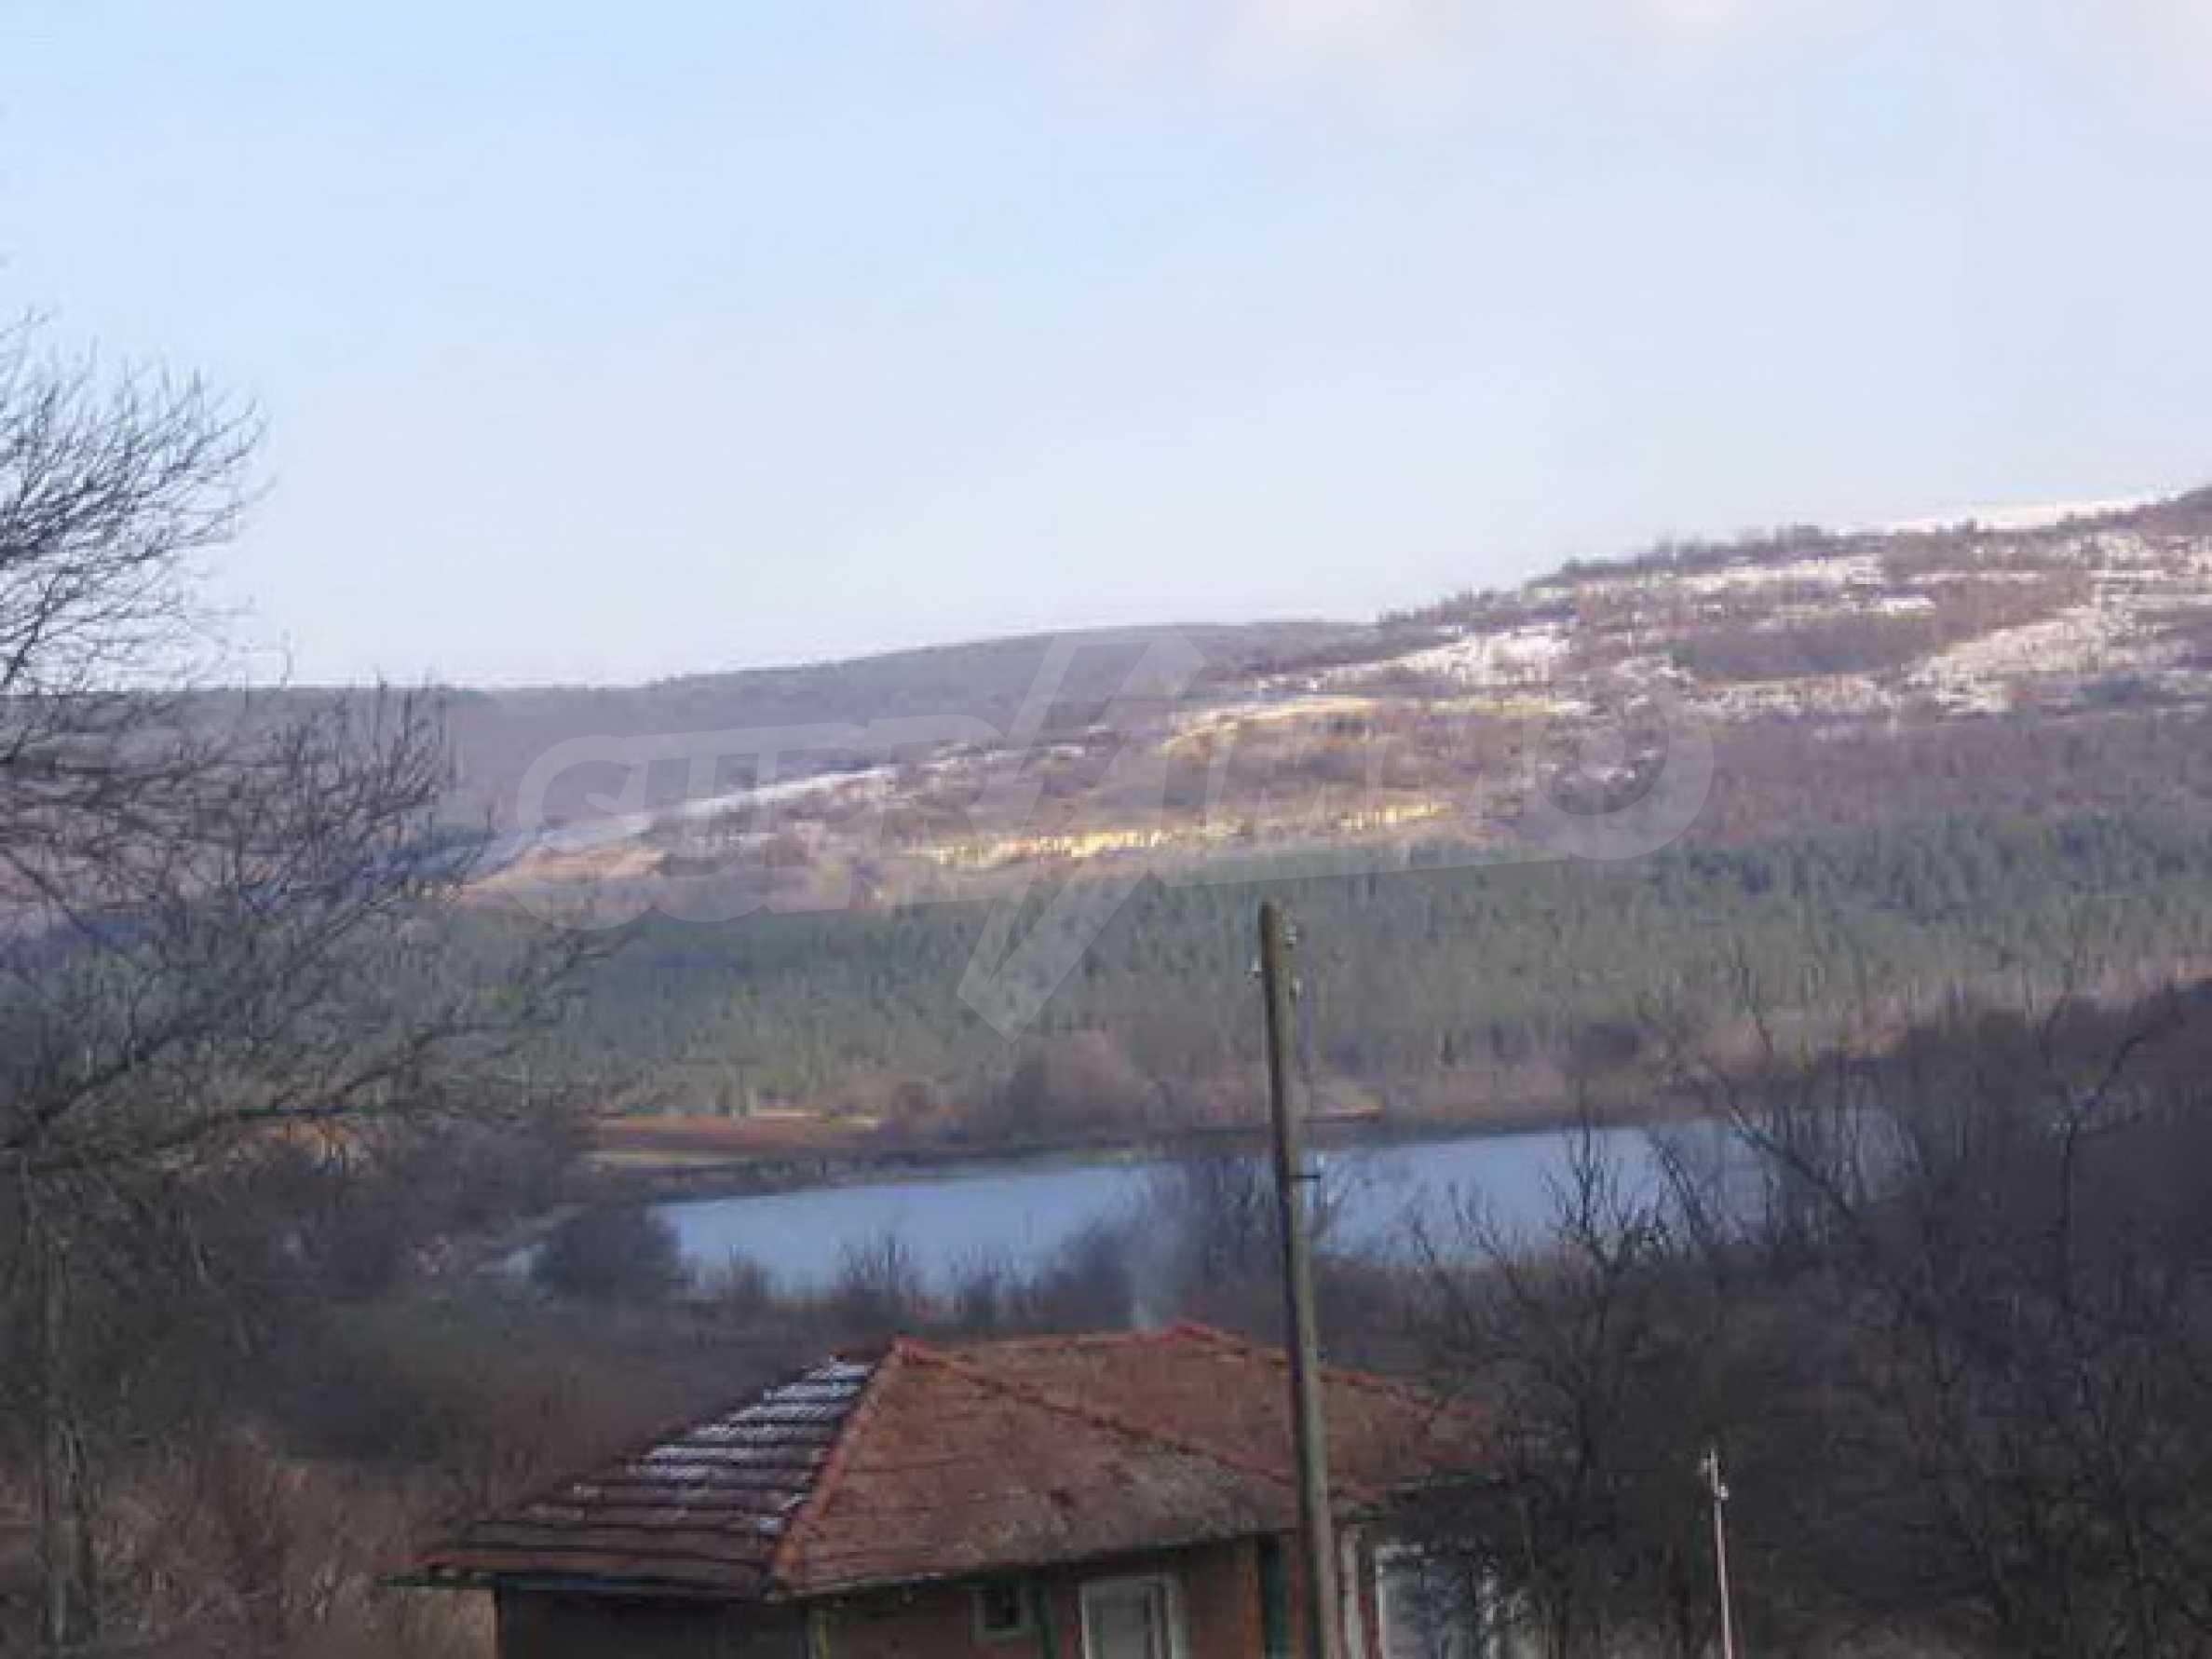 Grundstück in der Nähe eines kleinen Dammes 2